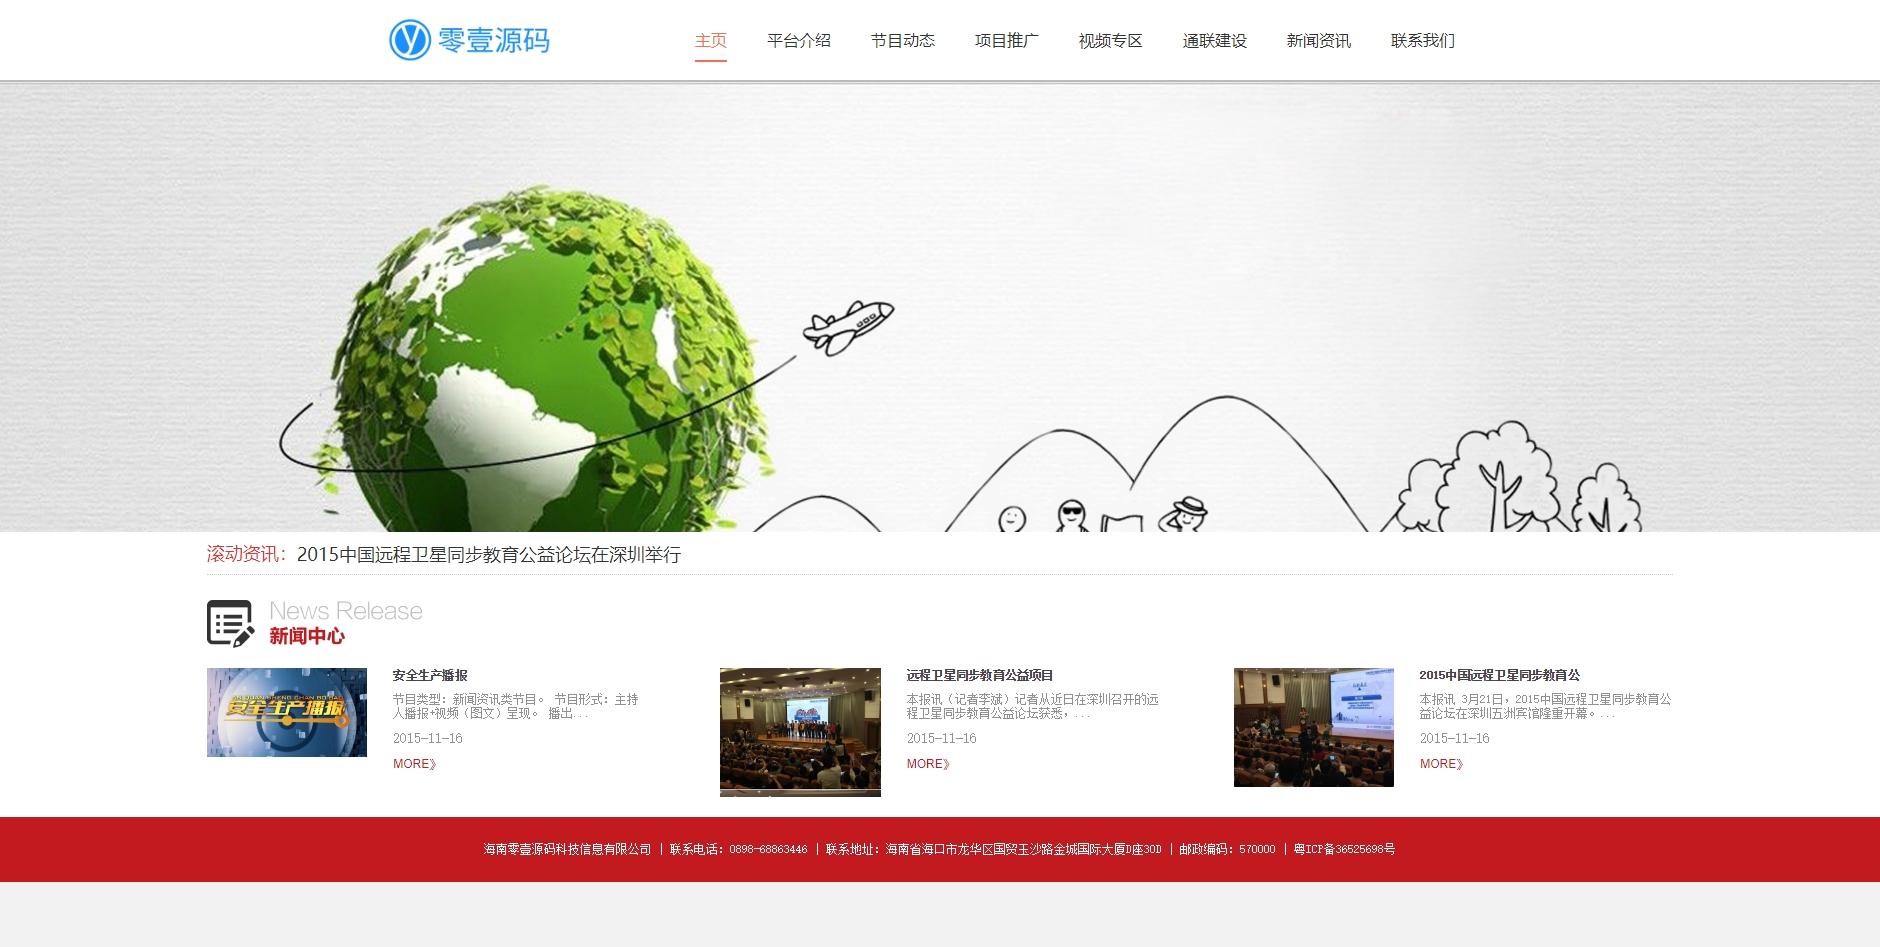 简洁公关文化传媒类公司网站织梦dedecms模板